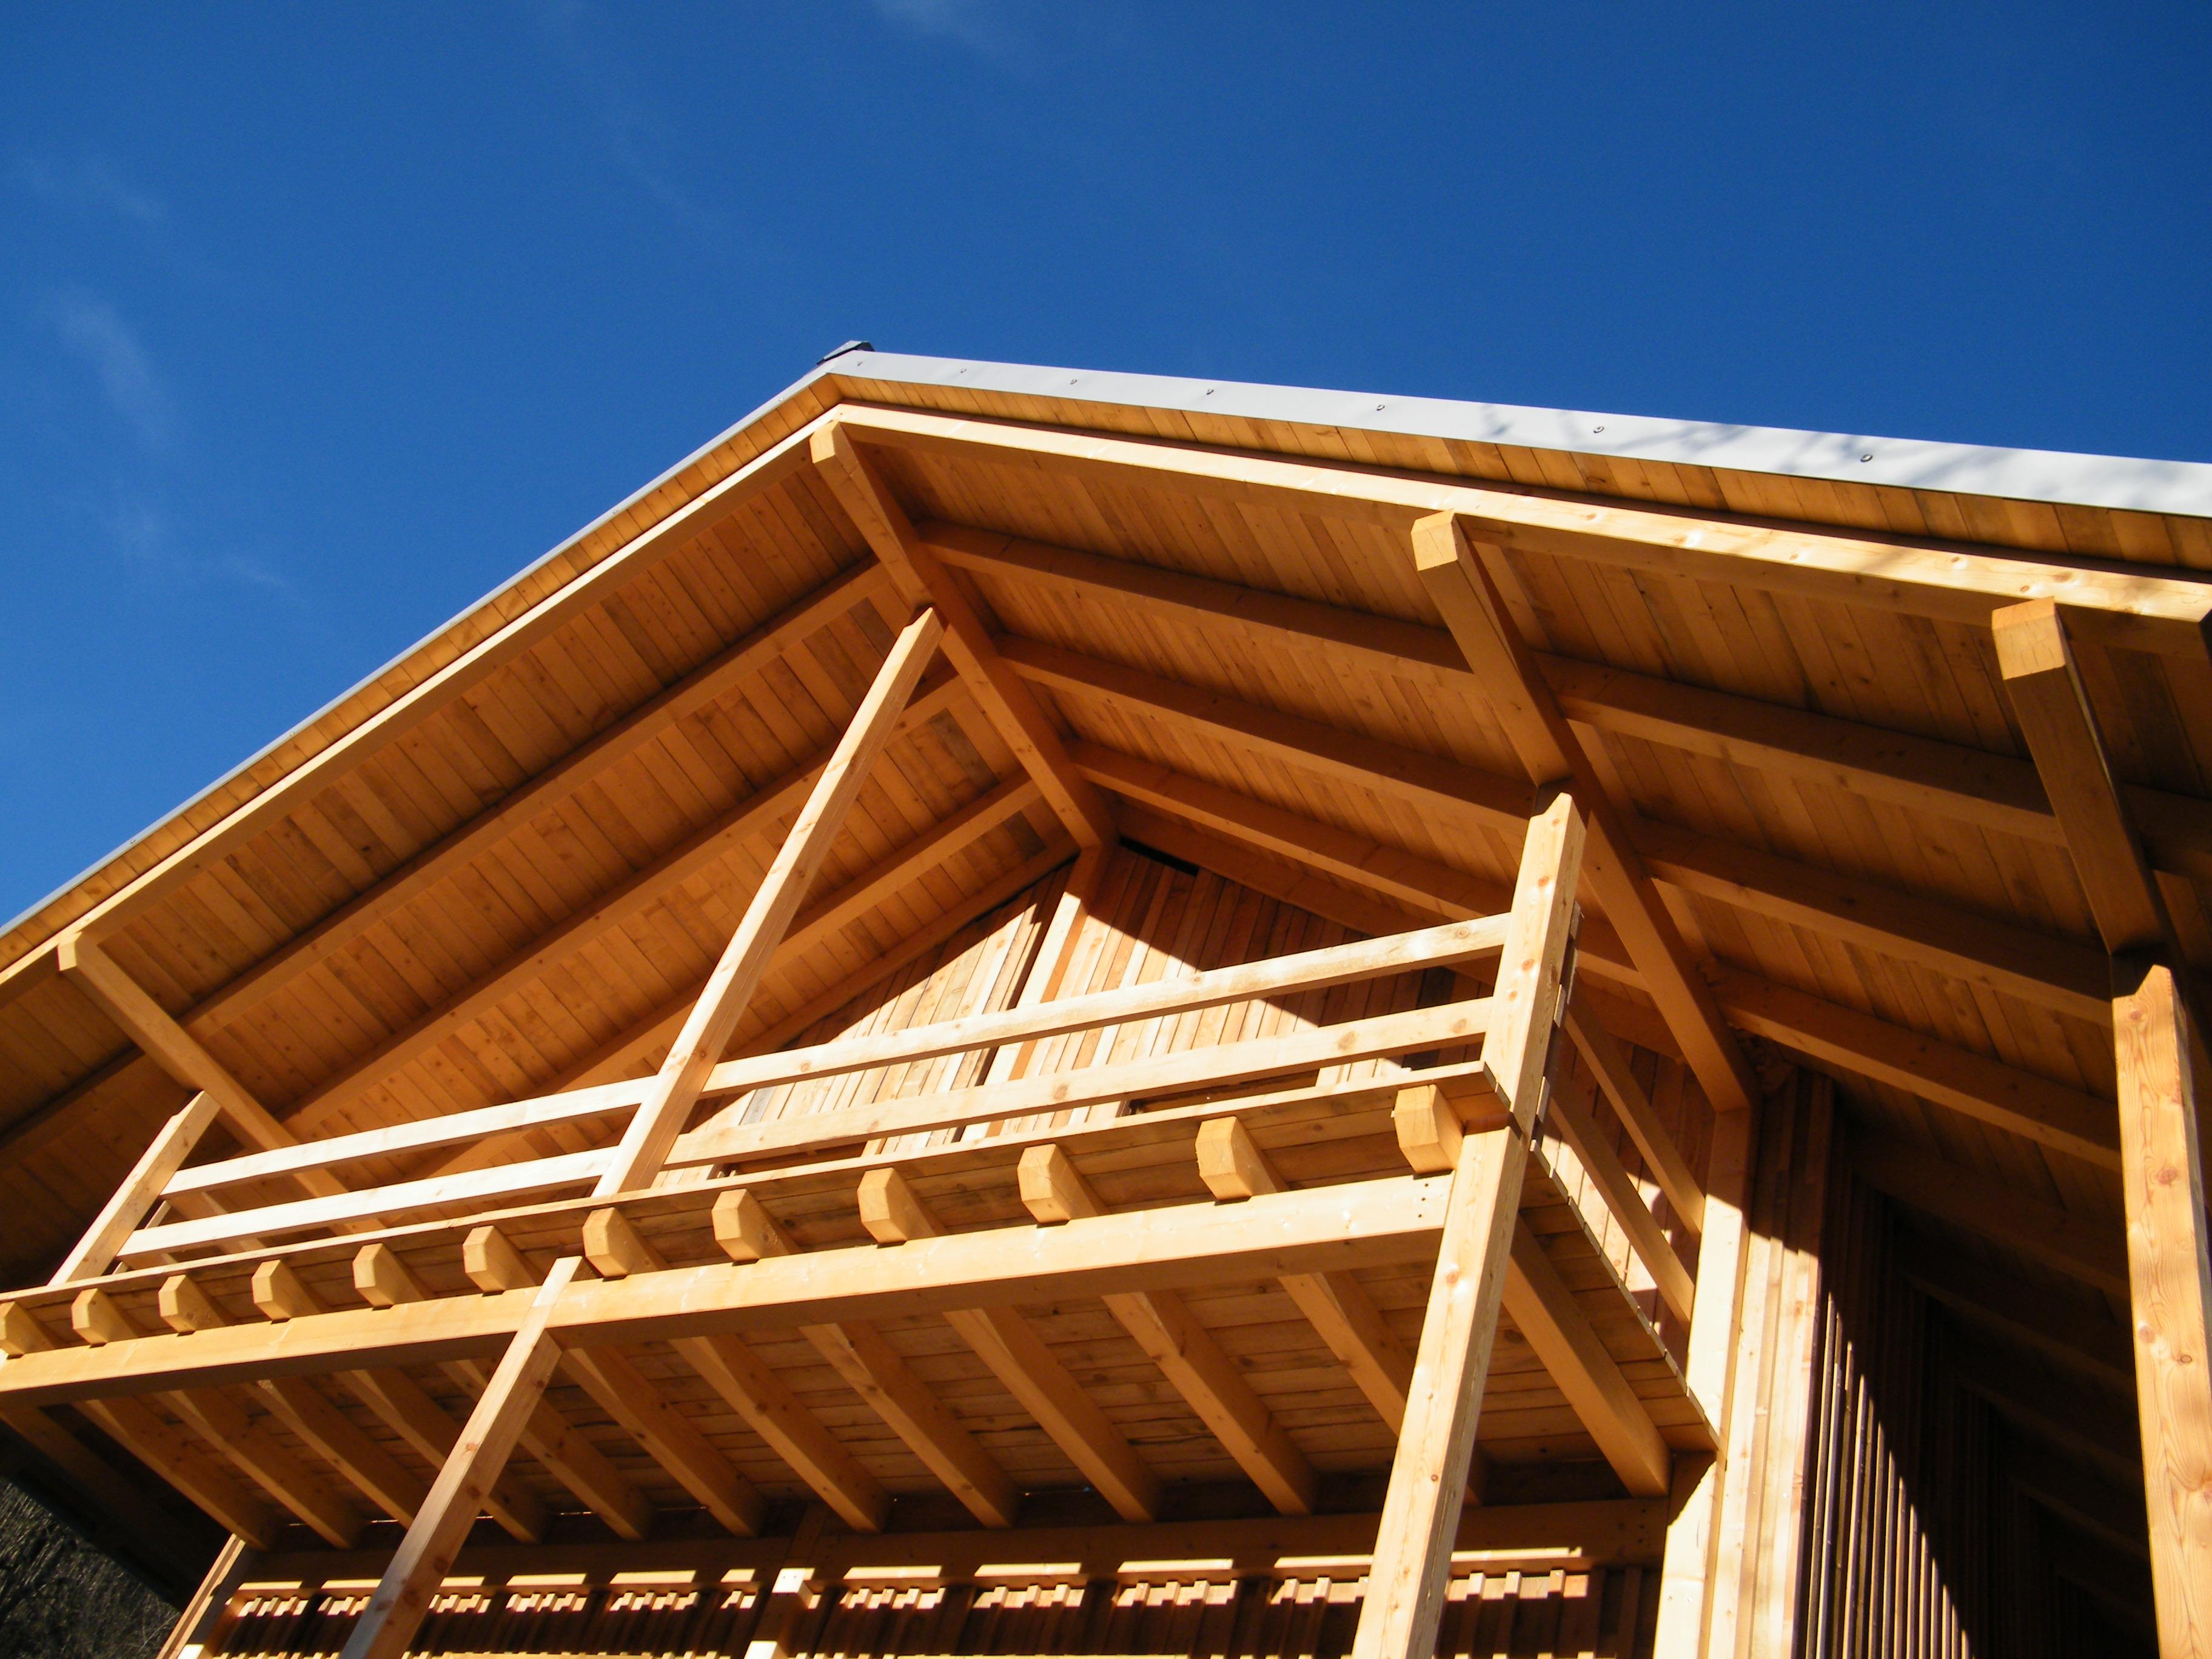 Progettazione Casa In Legno : Vivere in una casa di legno costruire un sogno partendo da zero